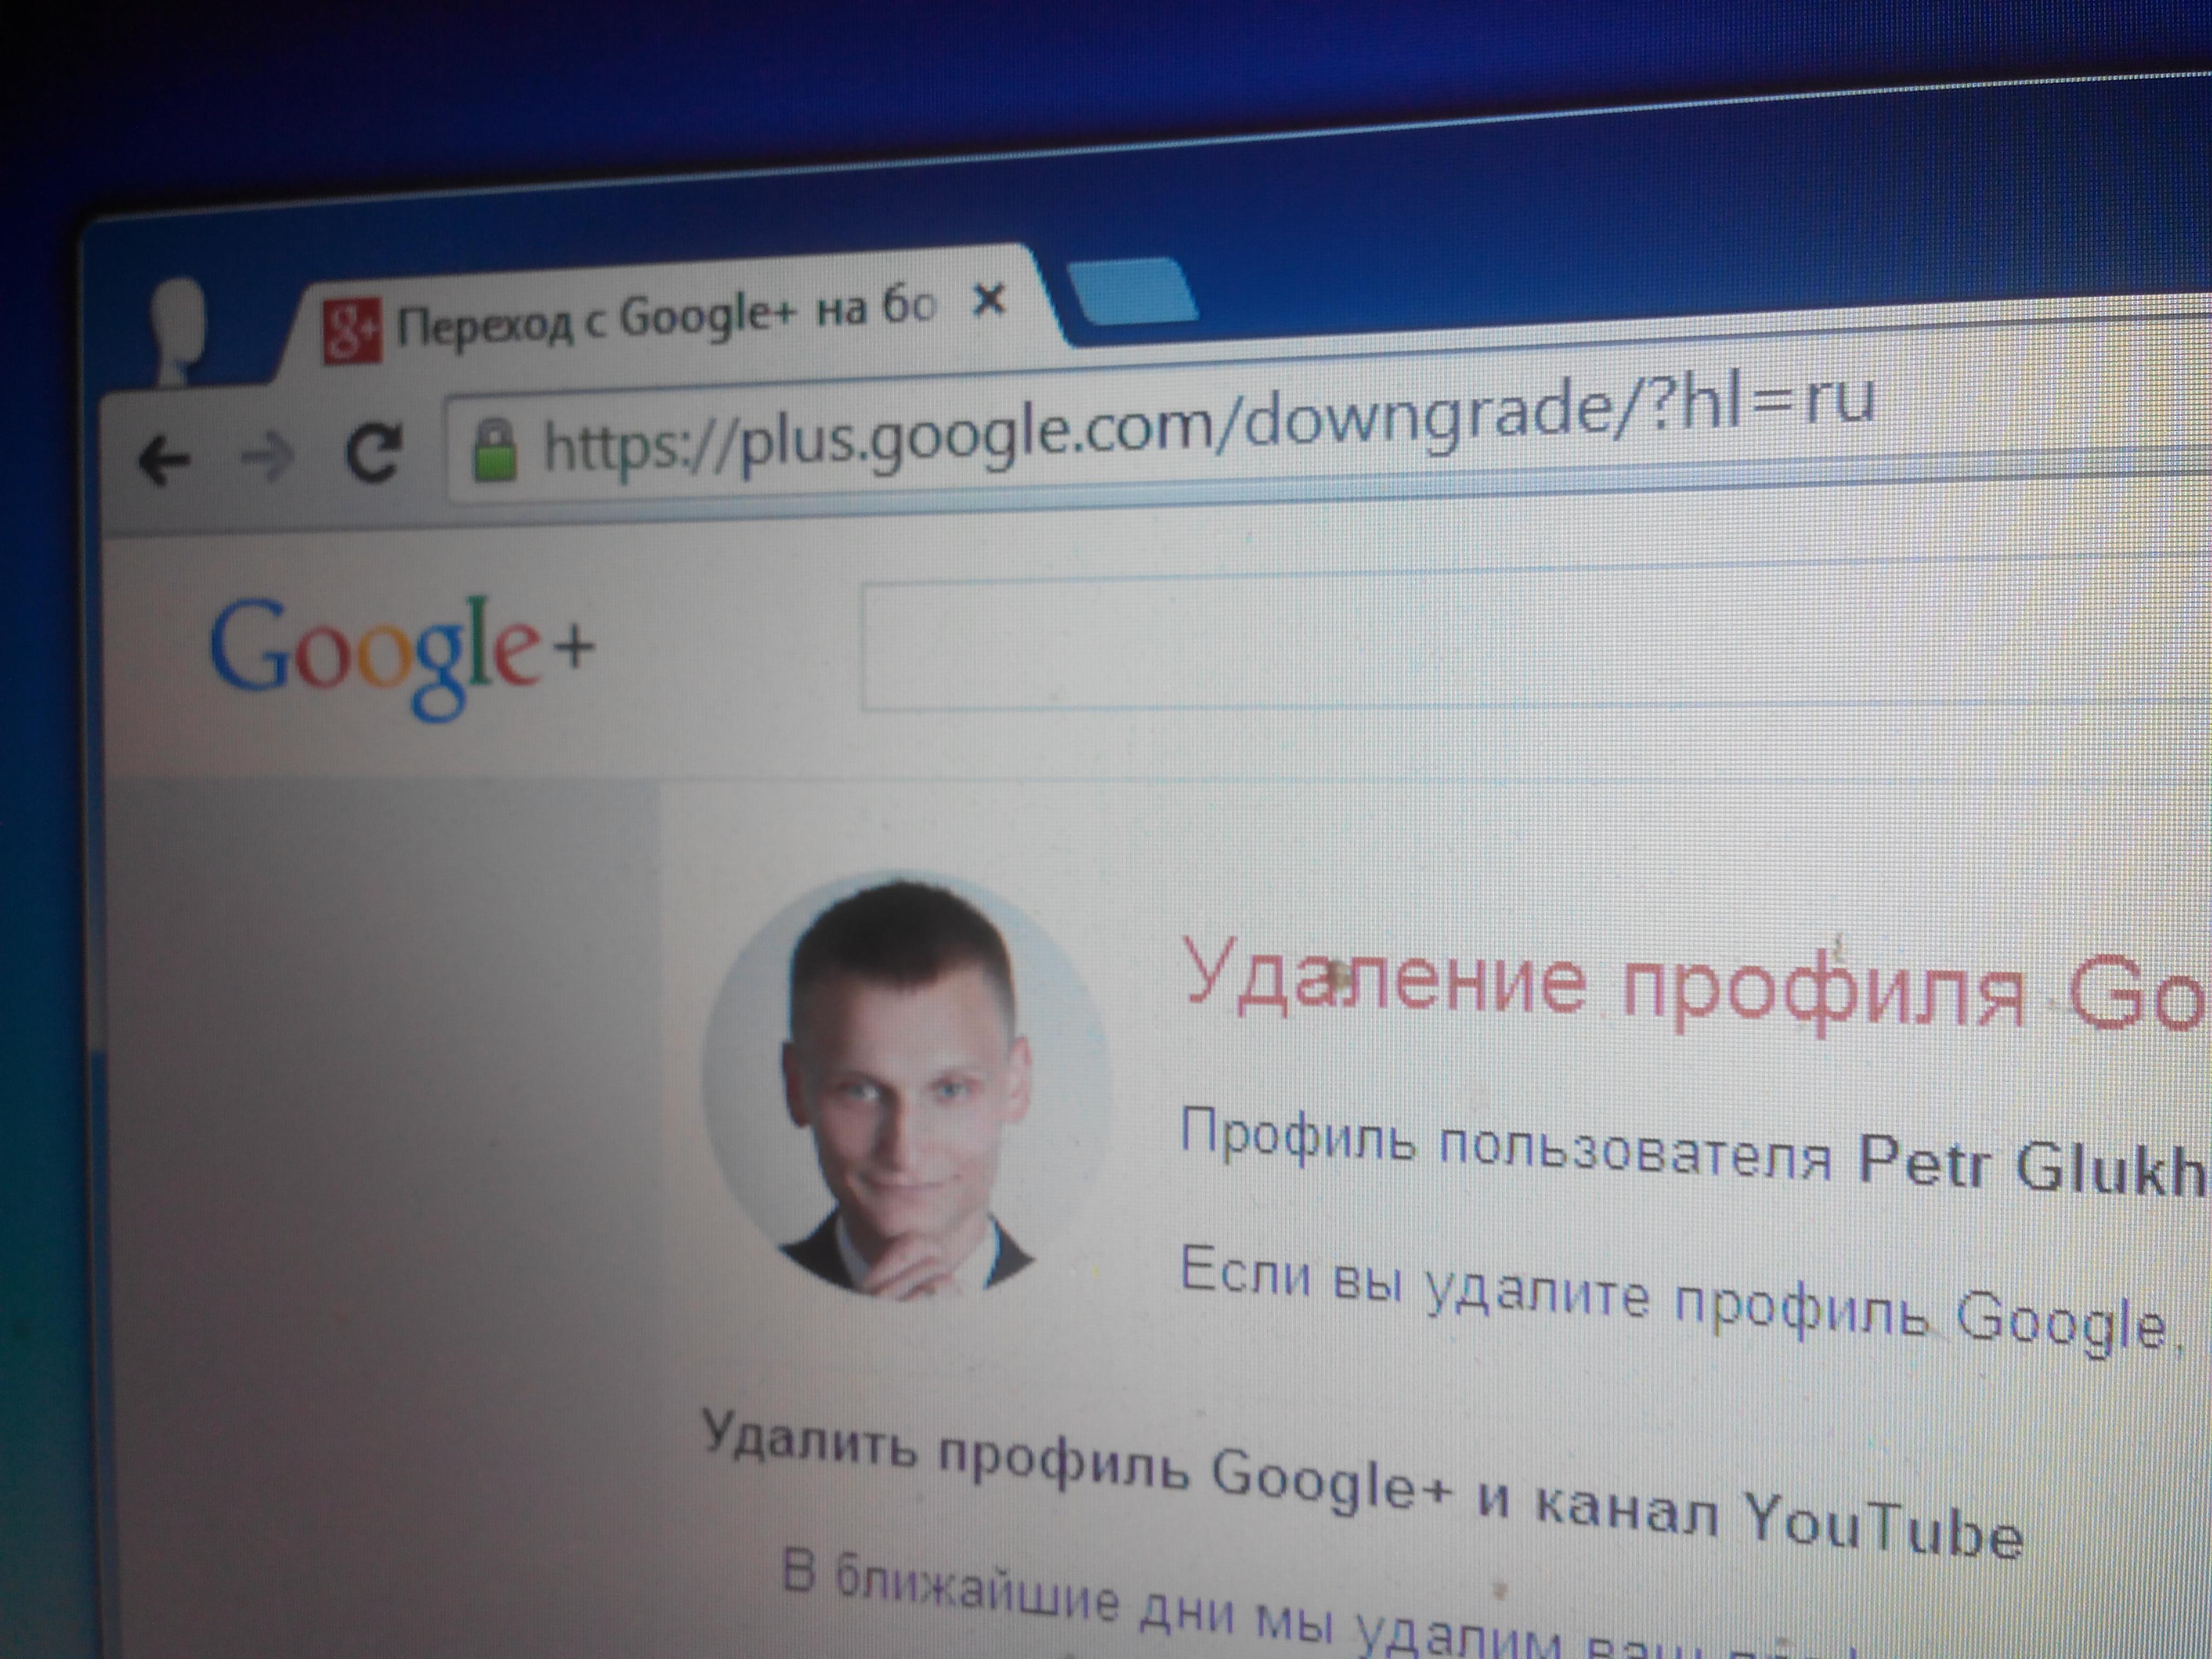 Как удалить профиль Google+ из аккаунта Google